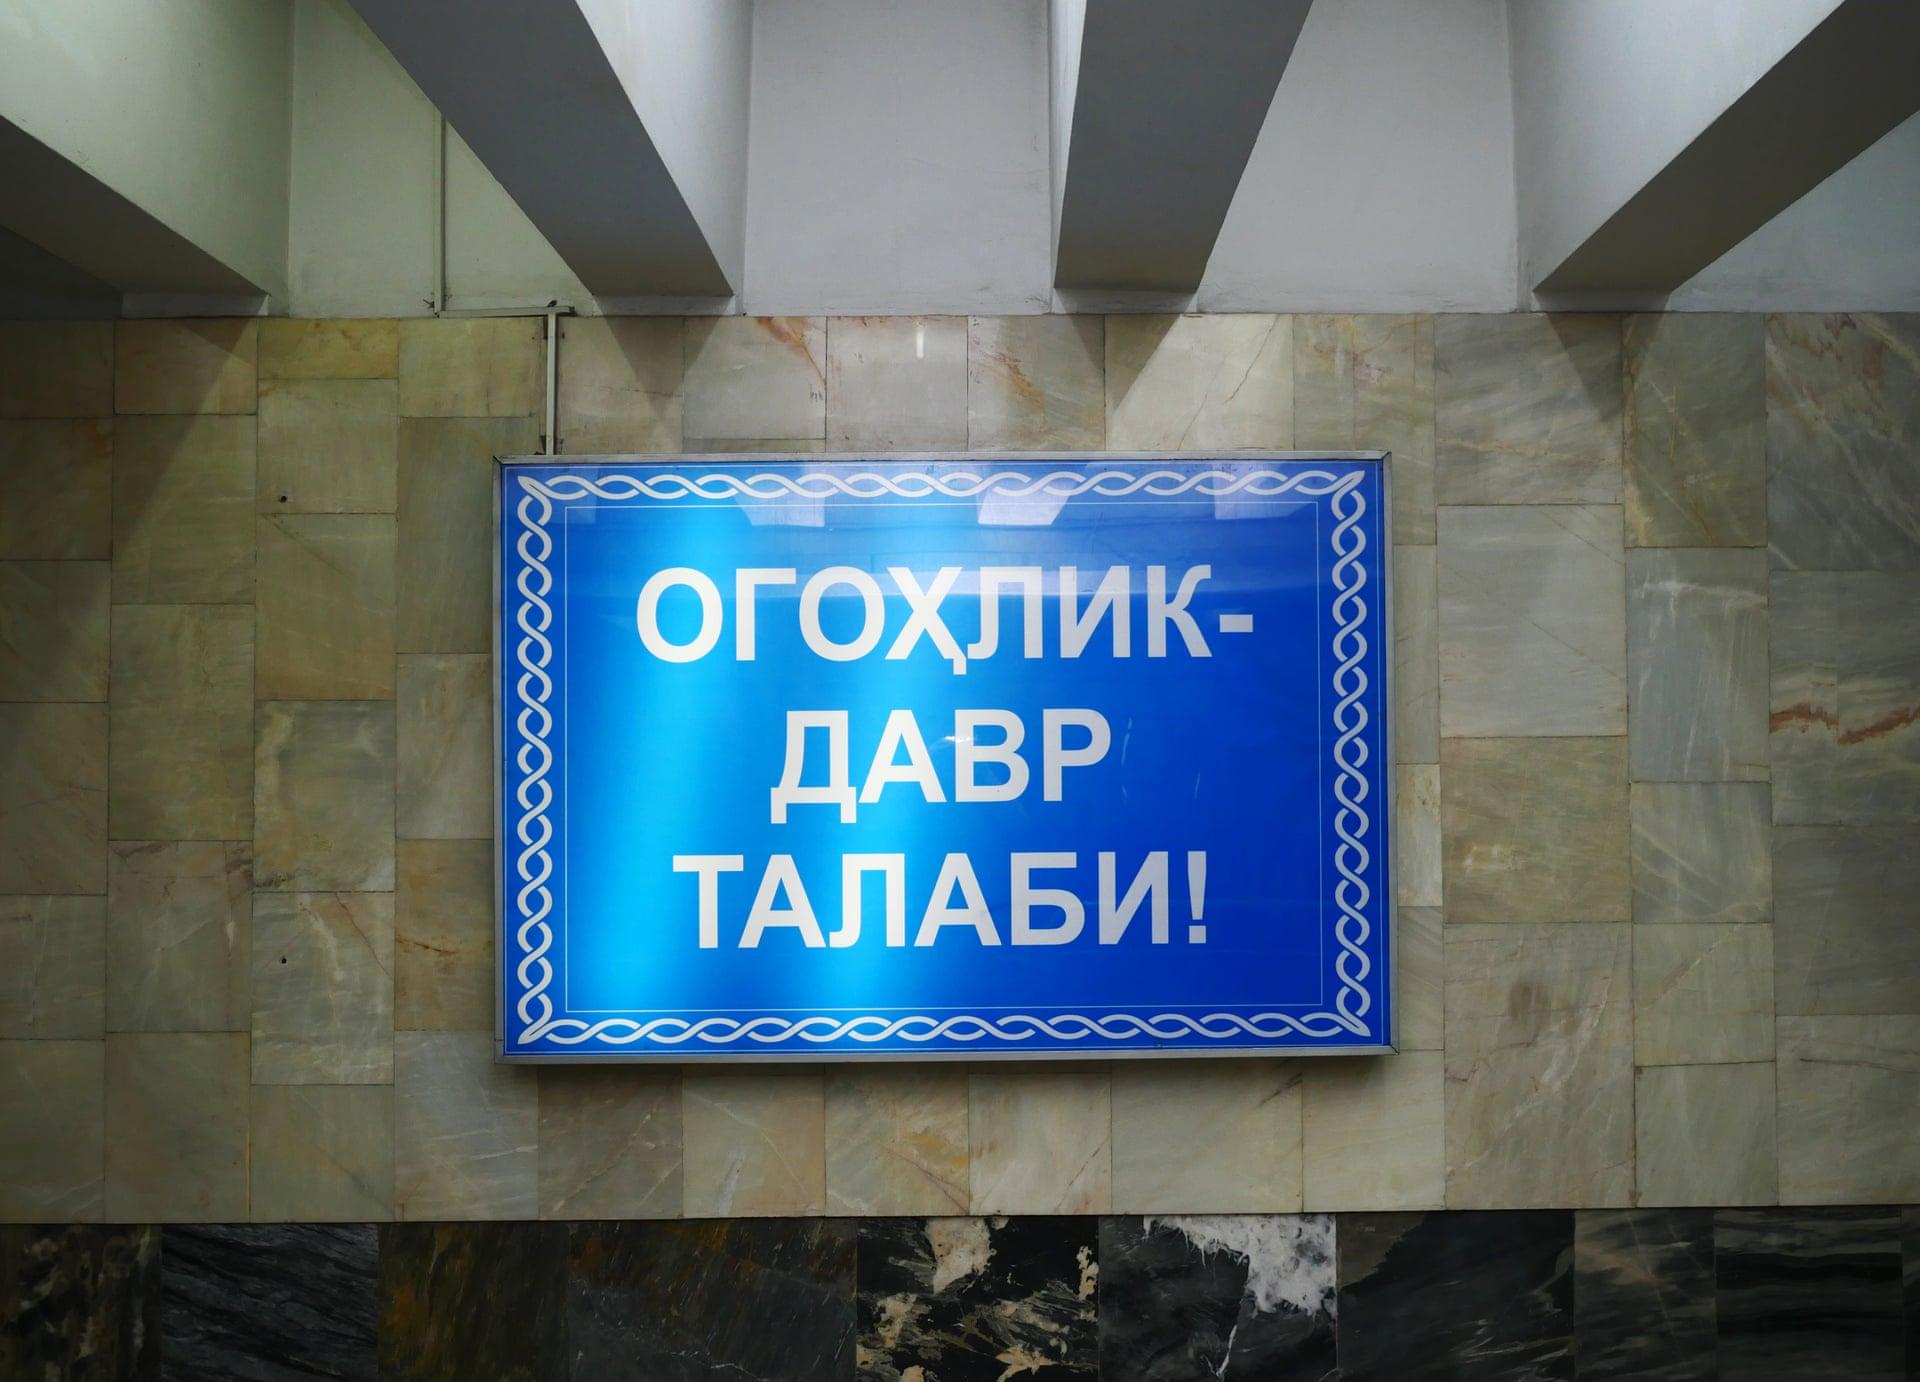 Огохлик - Давр Талаби. Бдительность - требование времени. Табличка в ташкентском метро